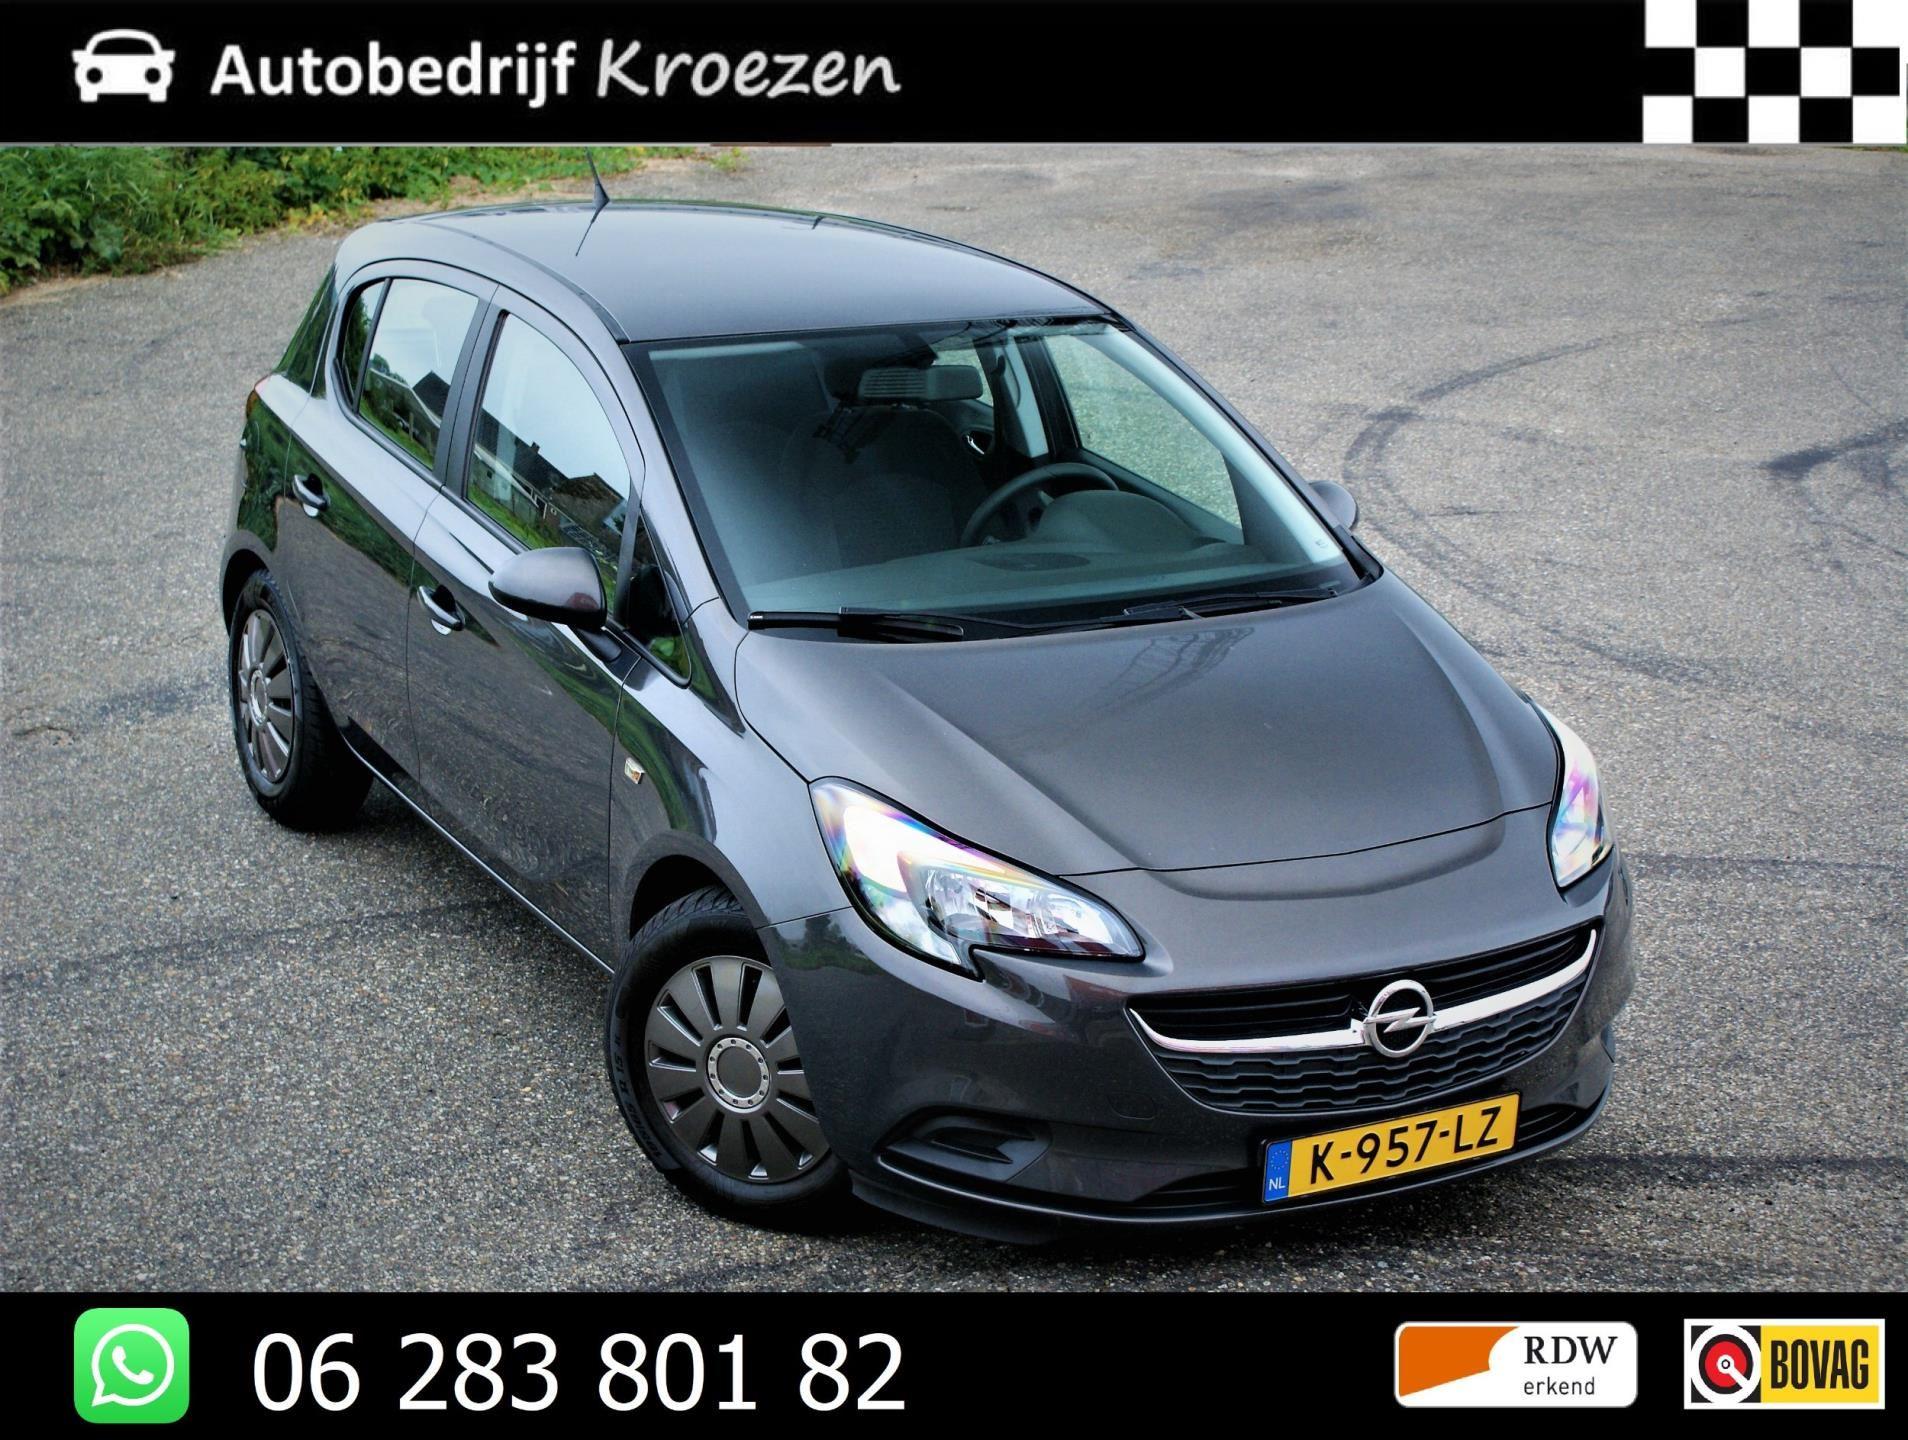 Opel Corsa occasion - Autobedrijf Kroezen